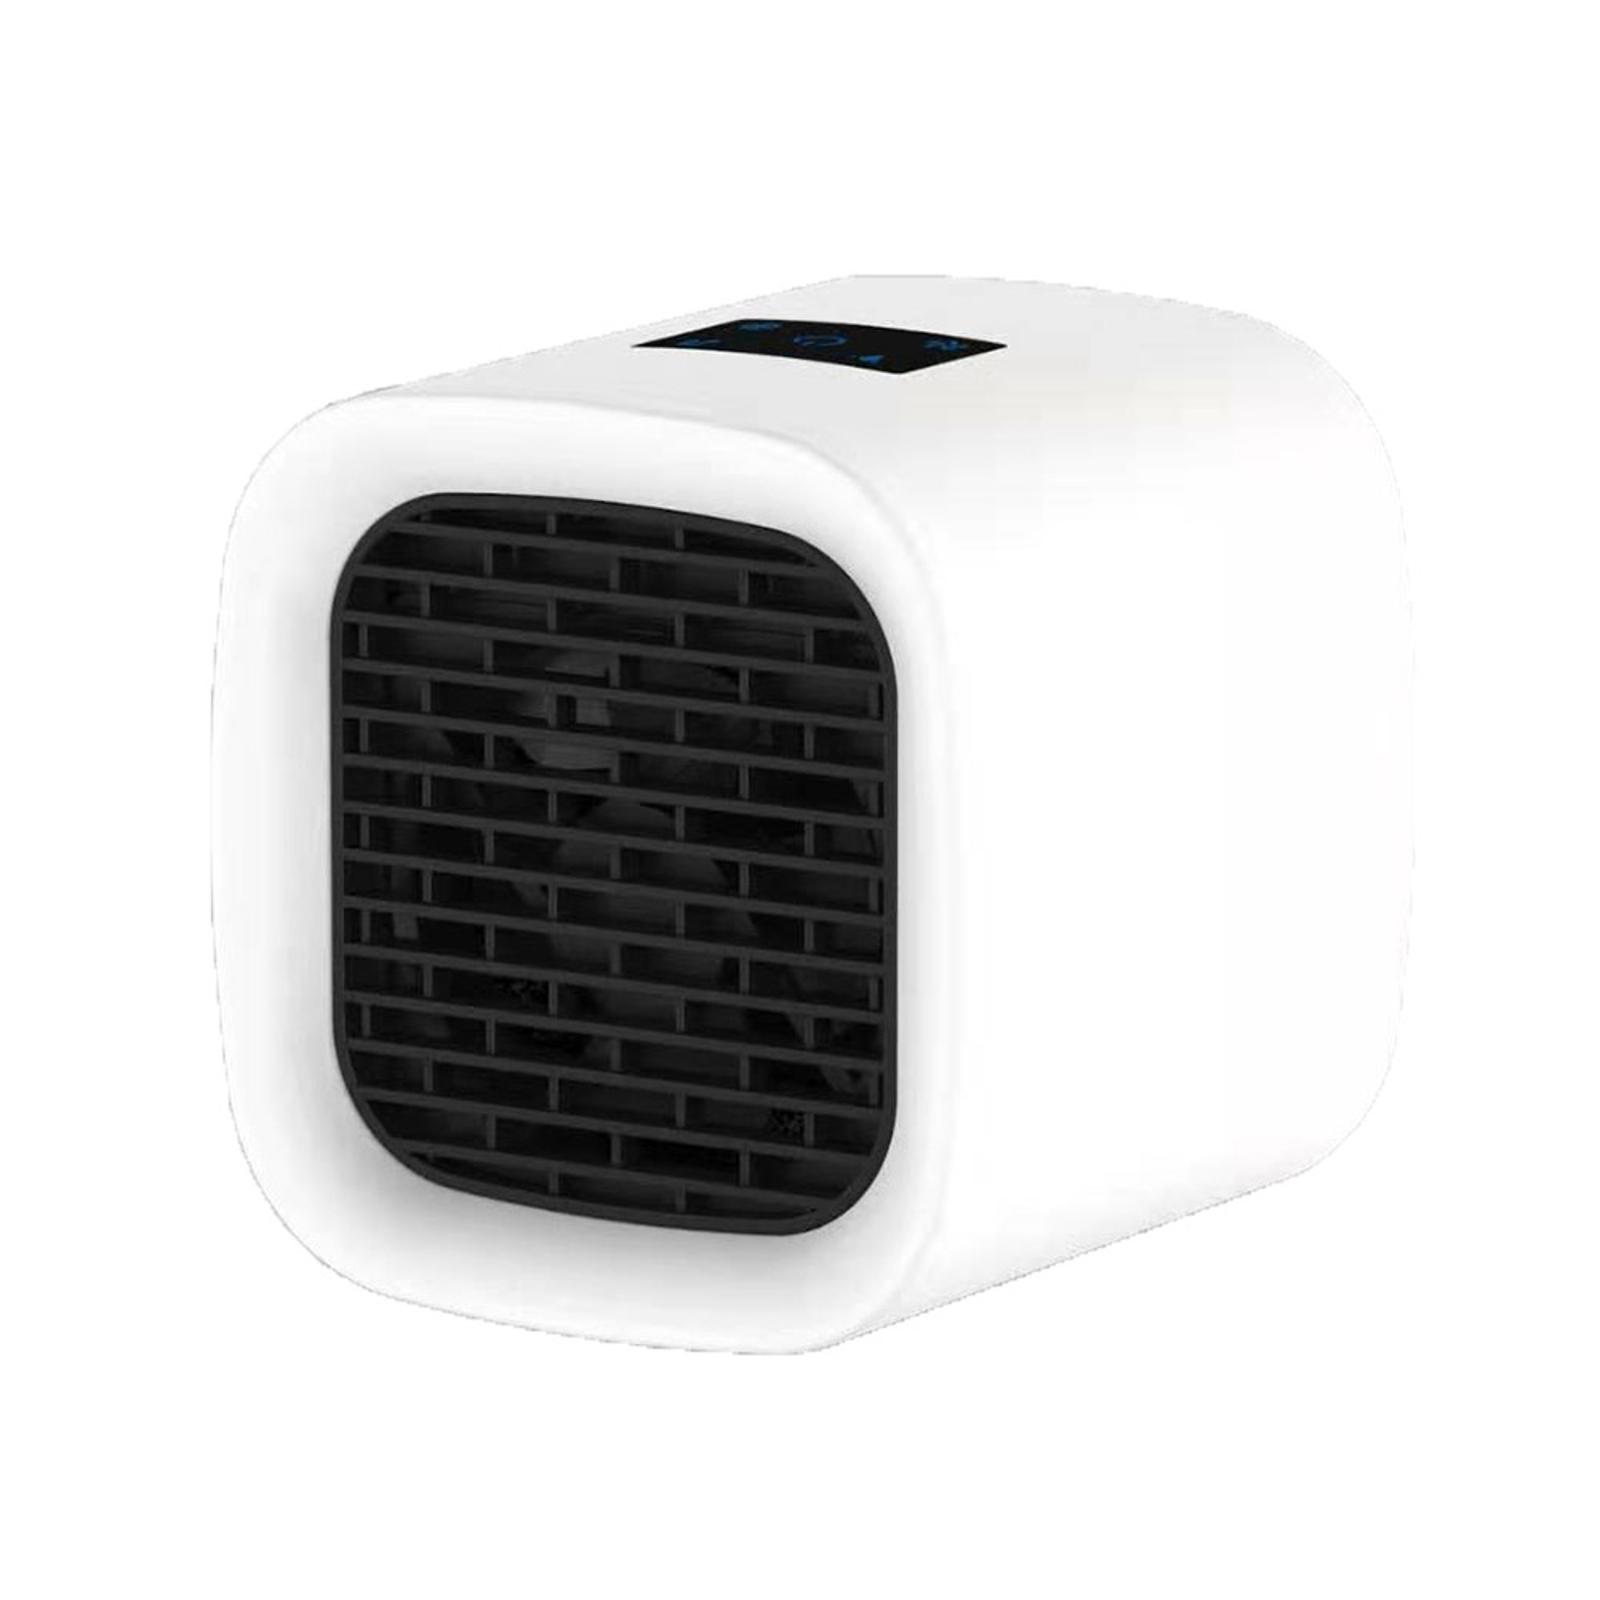 Kühlgerät Icecube, RGBW, USB, Luftbefeuchter